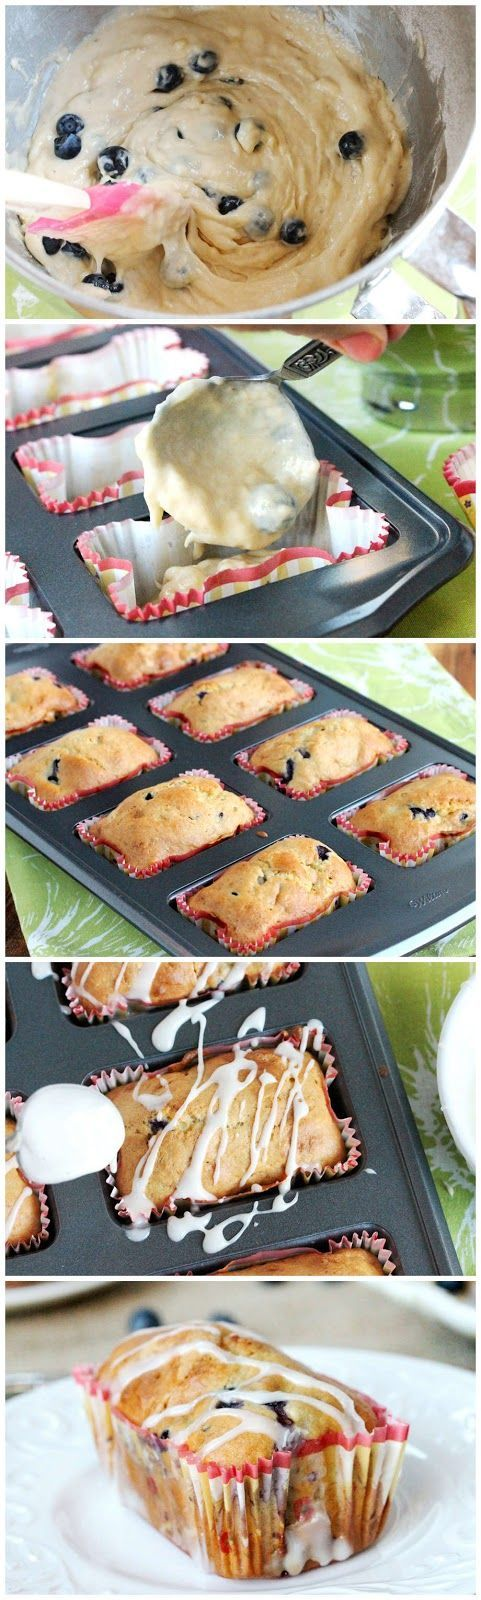 Mini Loaf Banana Blueberry Bread - joysama images